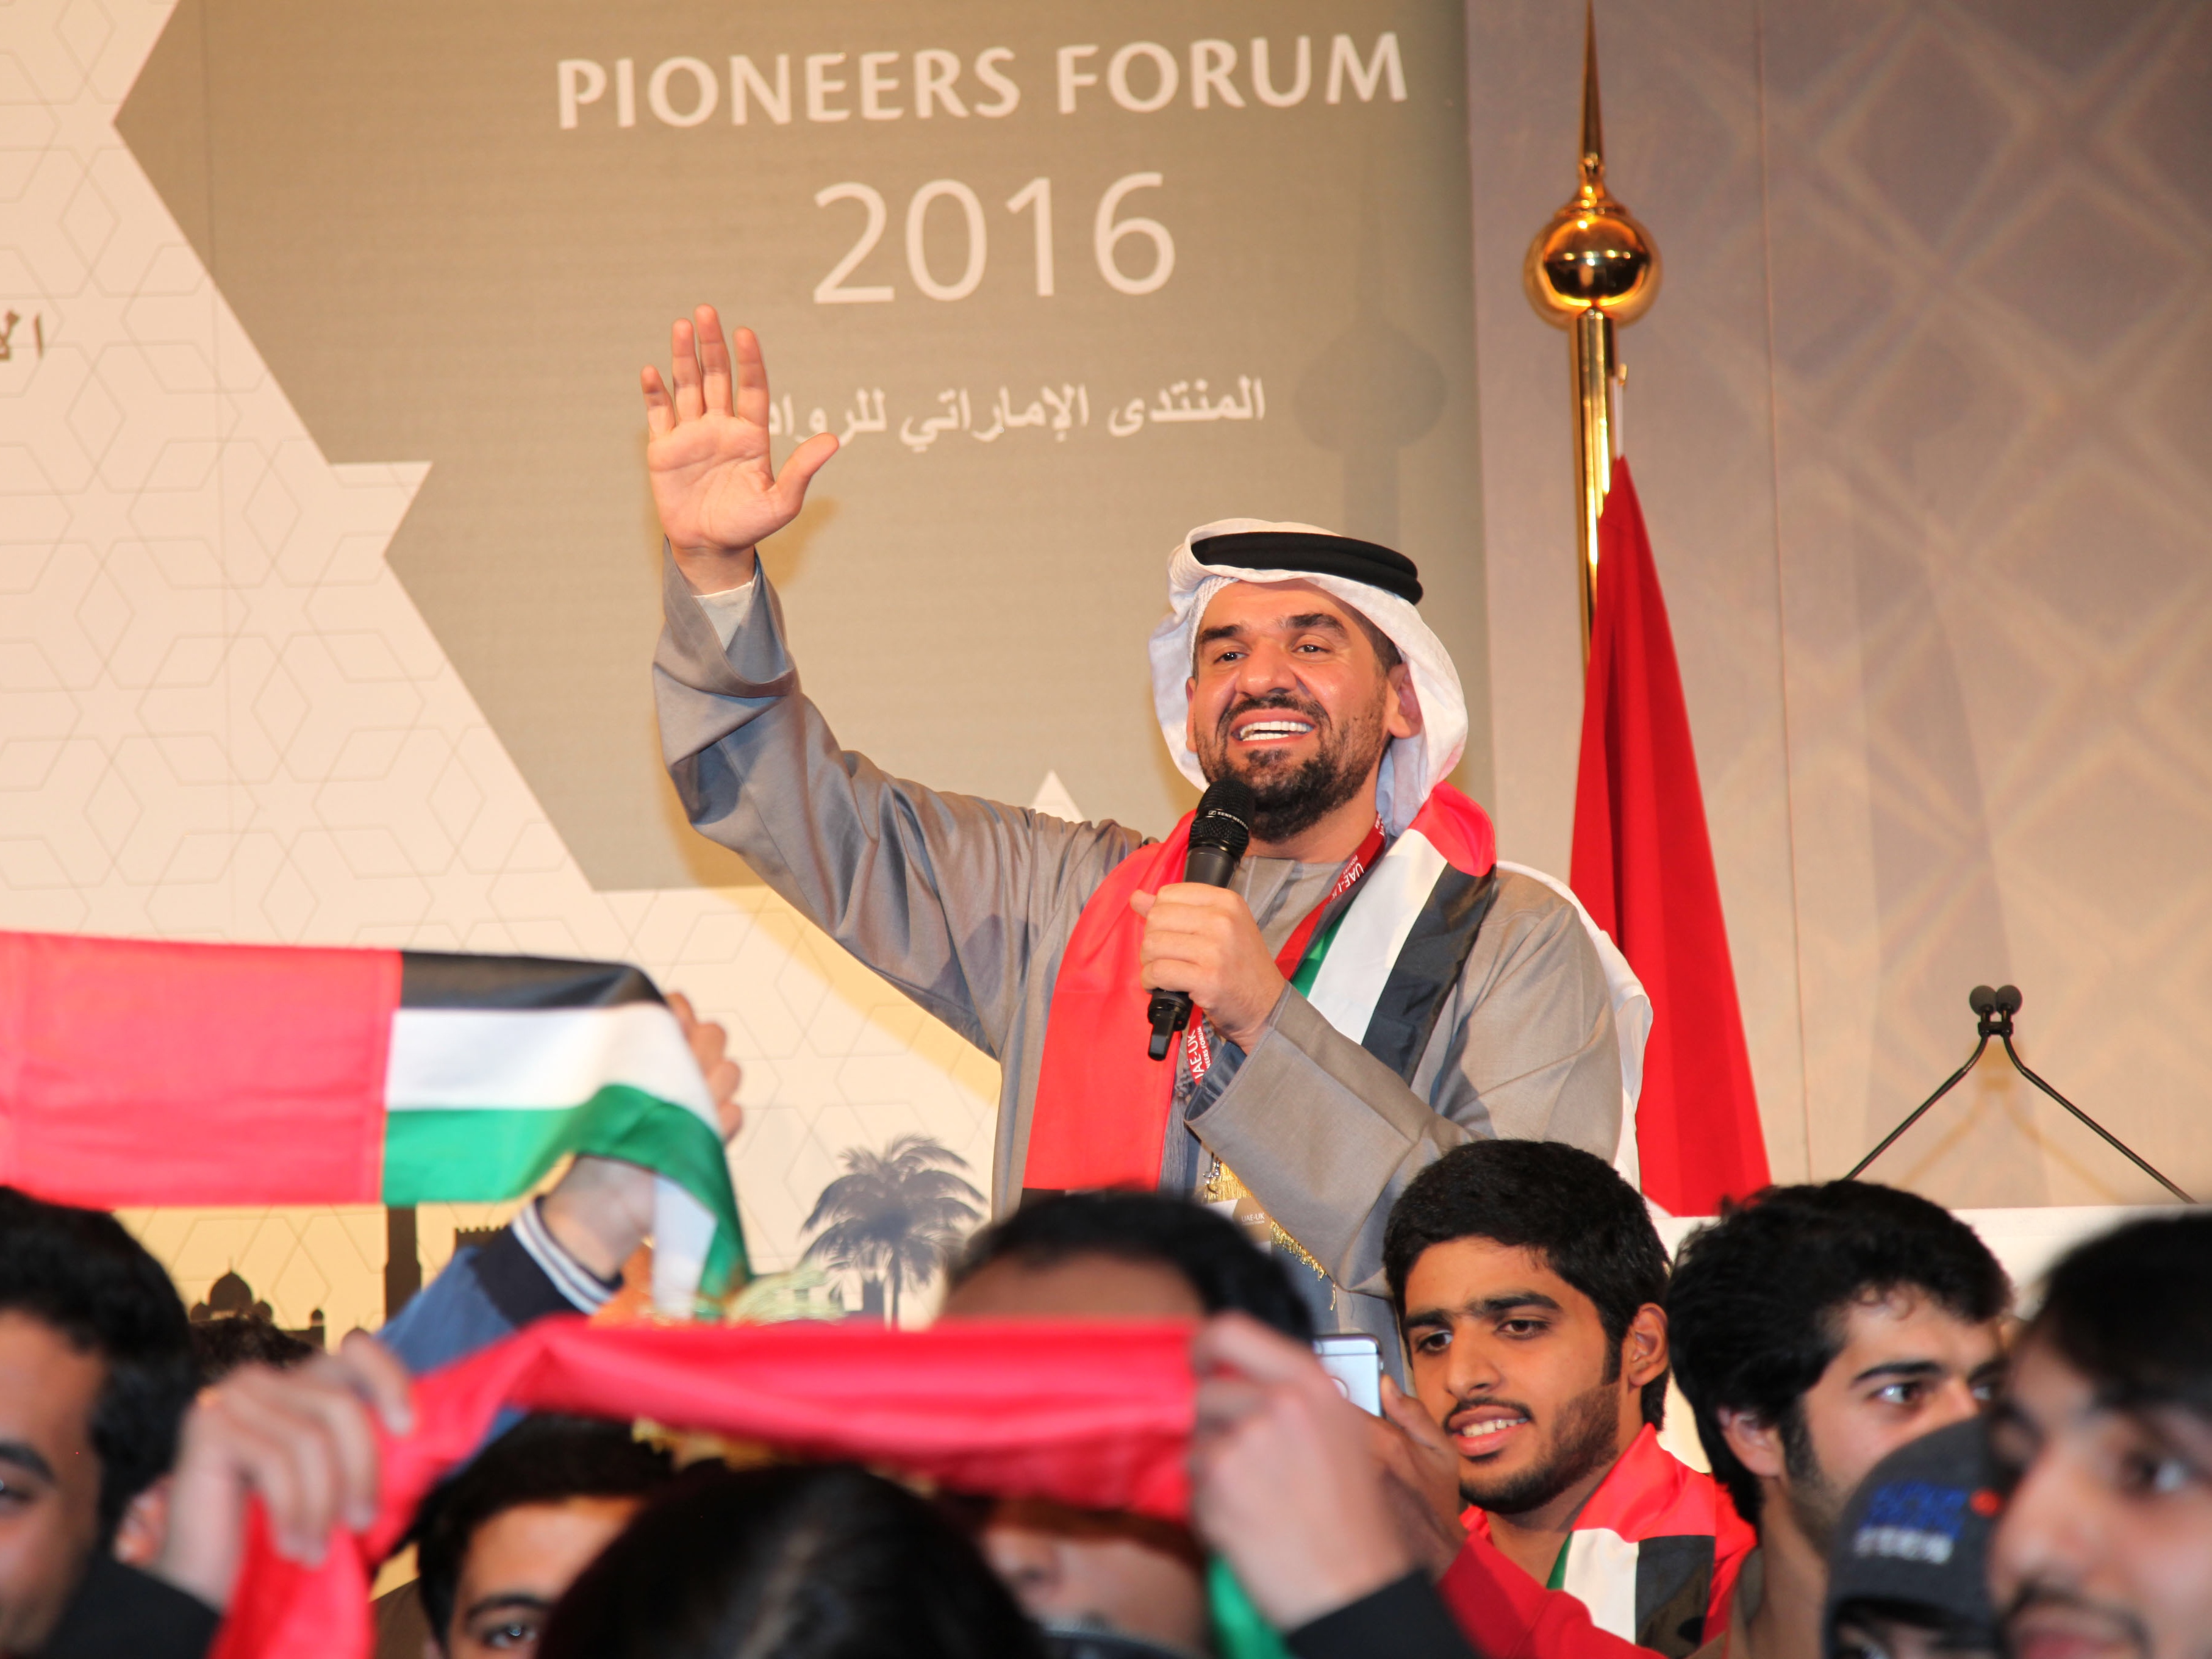 حسين الجسمي يحاضر في منتدى الرواد الإماراتي في لندن